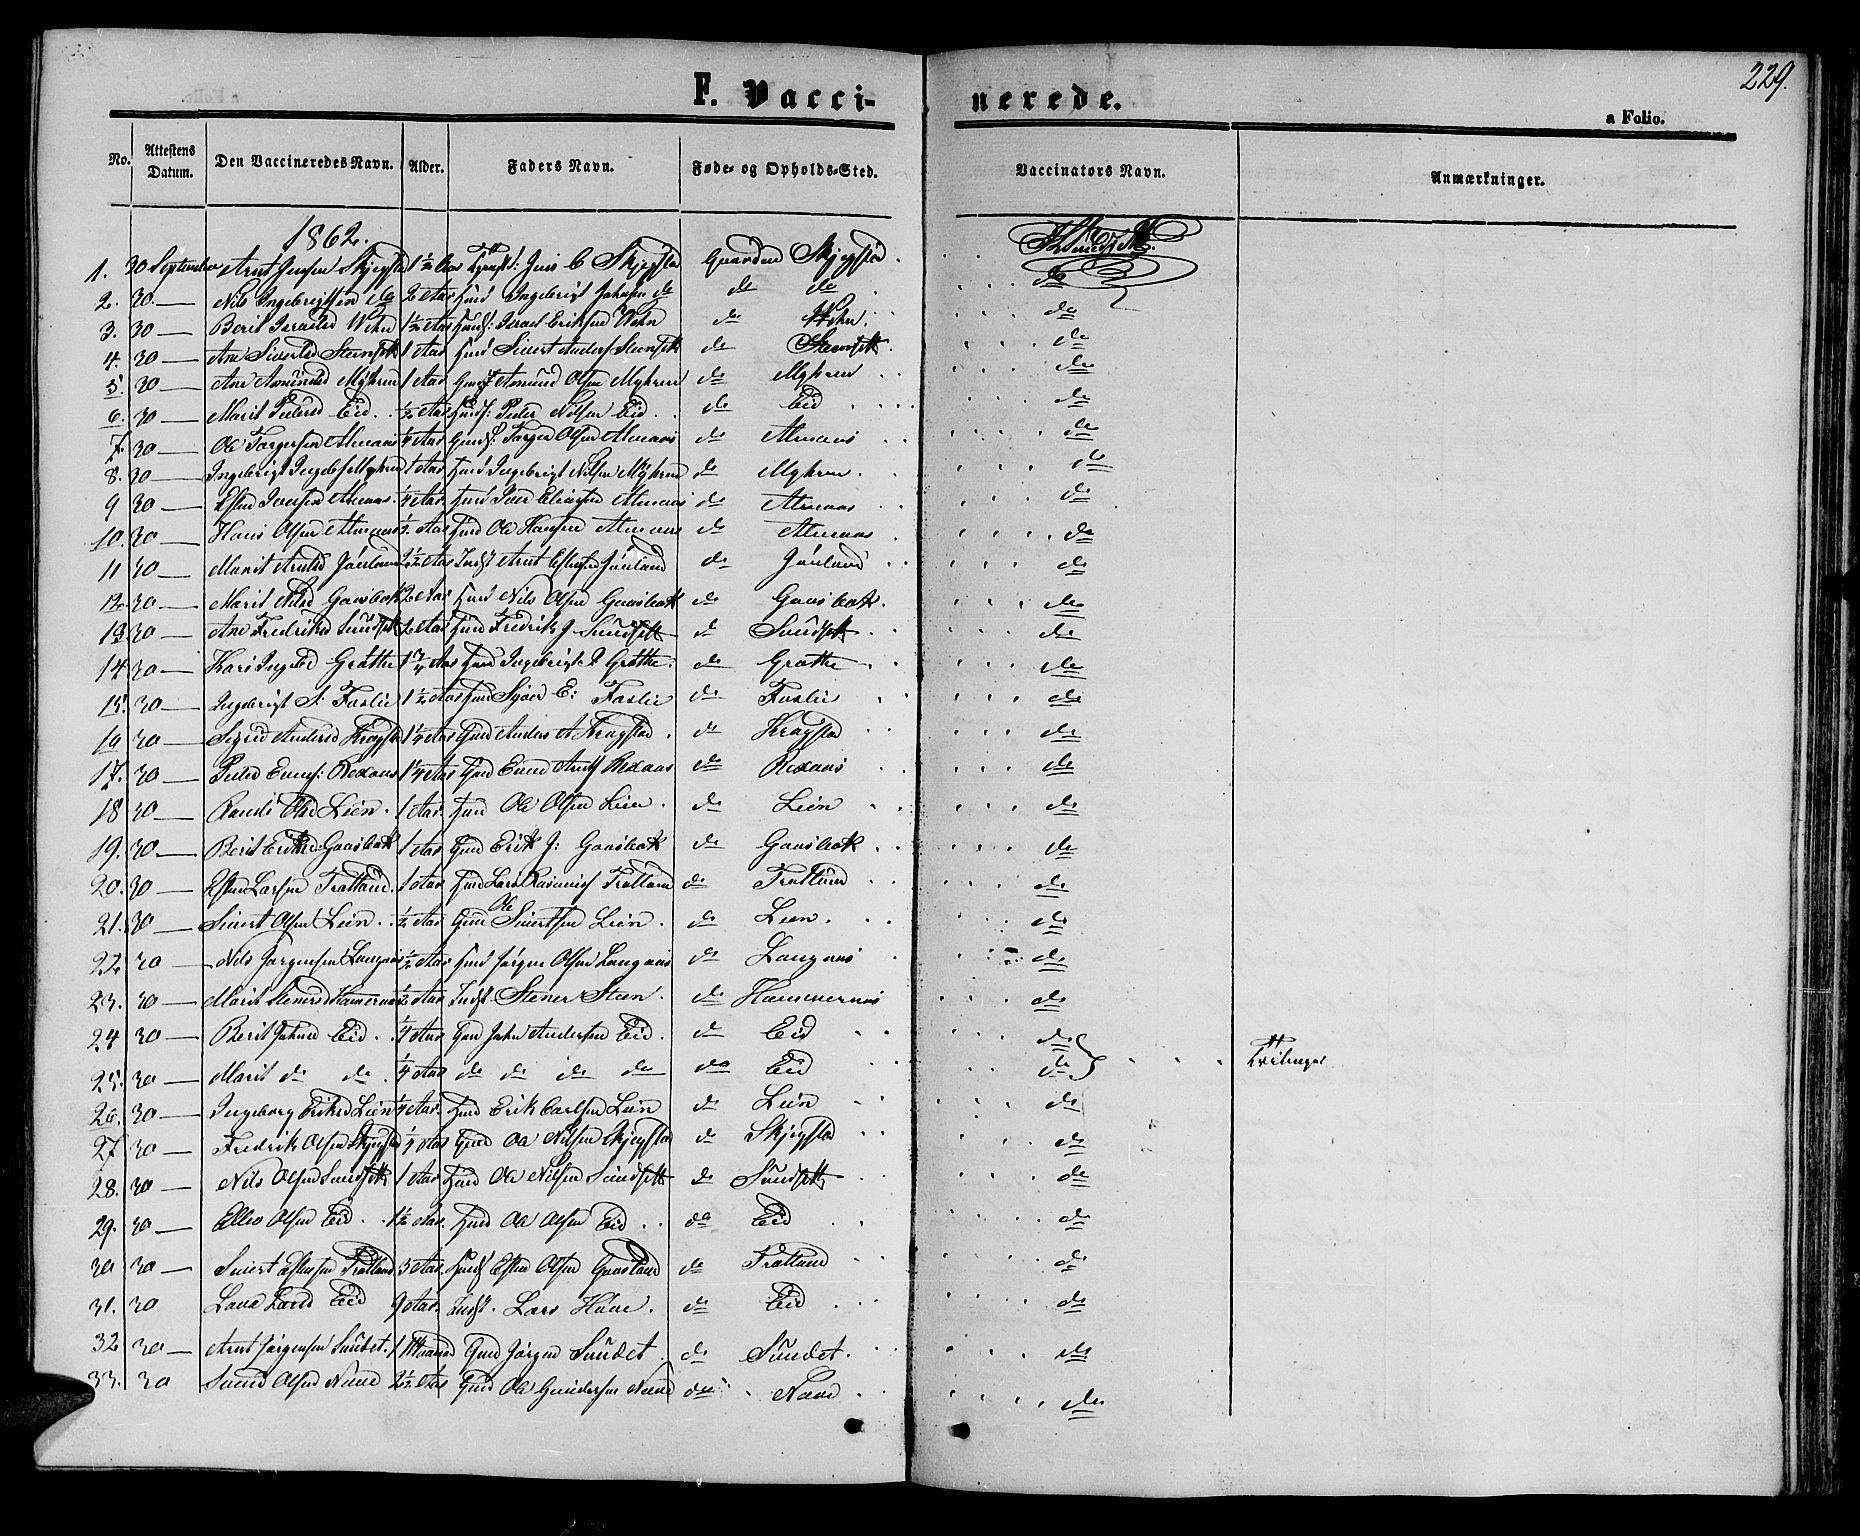 SAT, Ministerialprotokoller, klokkerbøker og fødselsregistre - Sør-Trøndelag, 694/L1131: Klokkerbok nr. 694C03, 1858-1886, s. 229